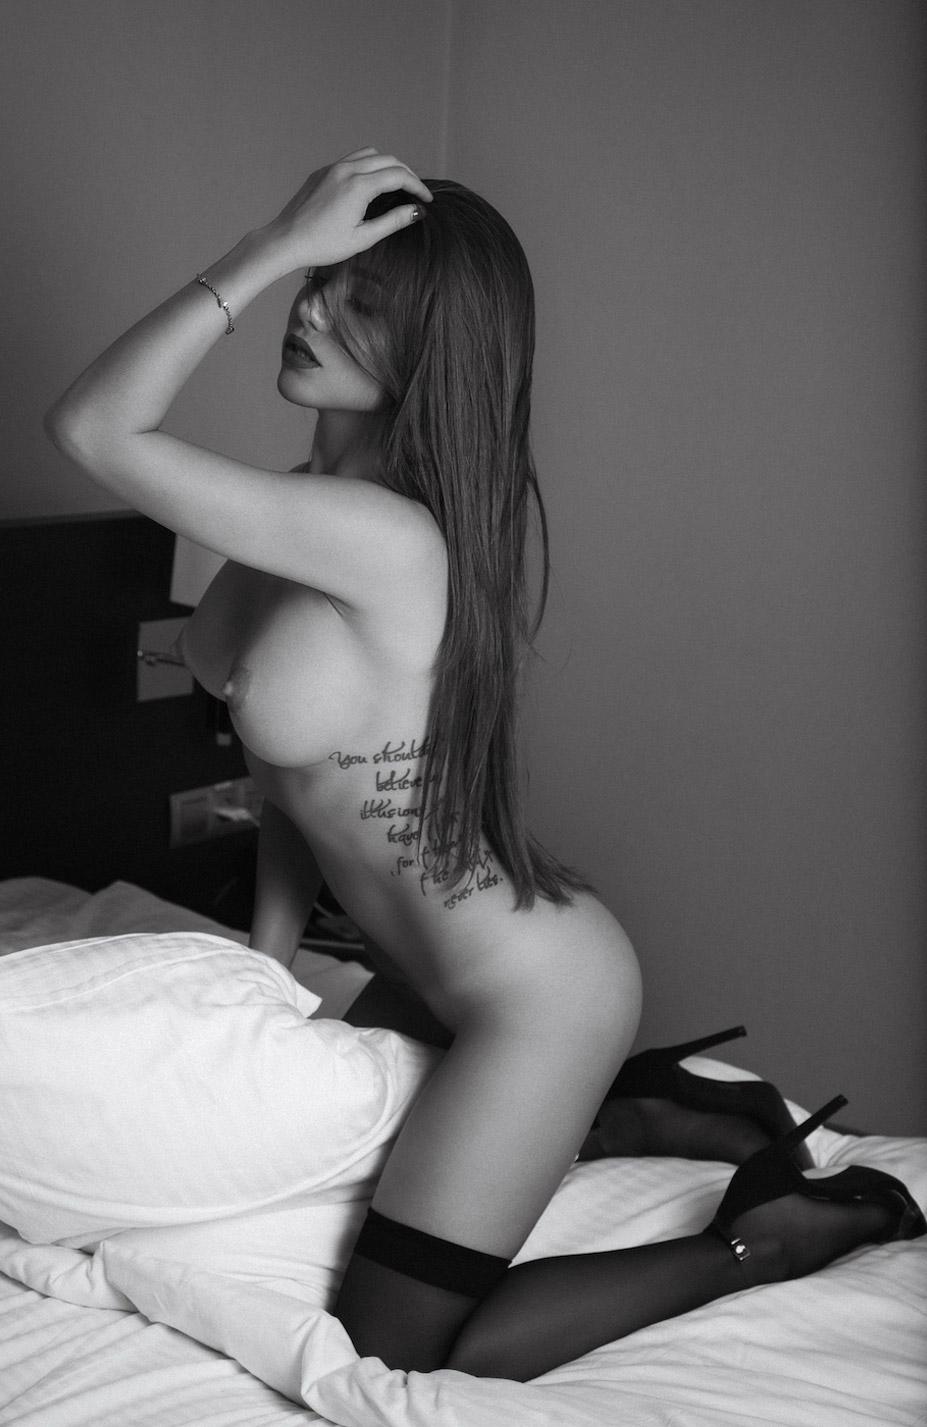 сексуальная и обнаженная Лия Ситдикова / Liya Sitdikova nude by Sergey Korolkov